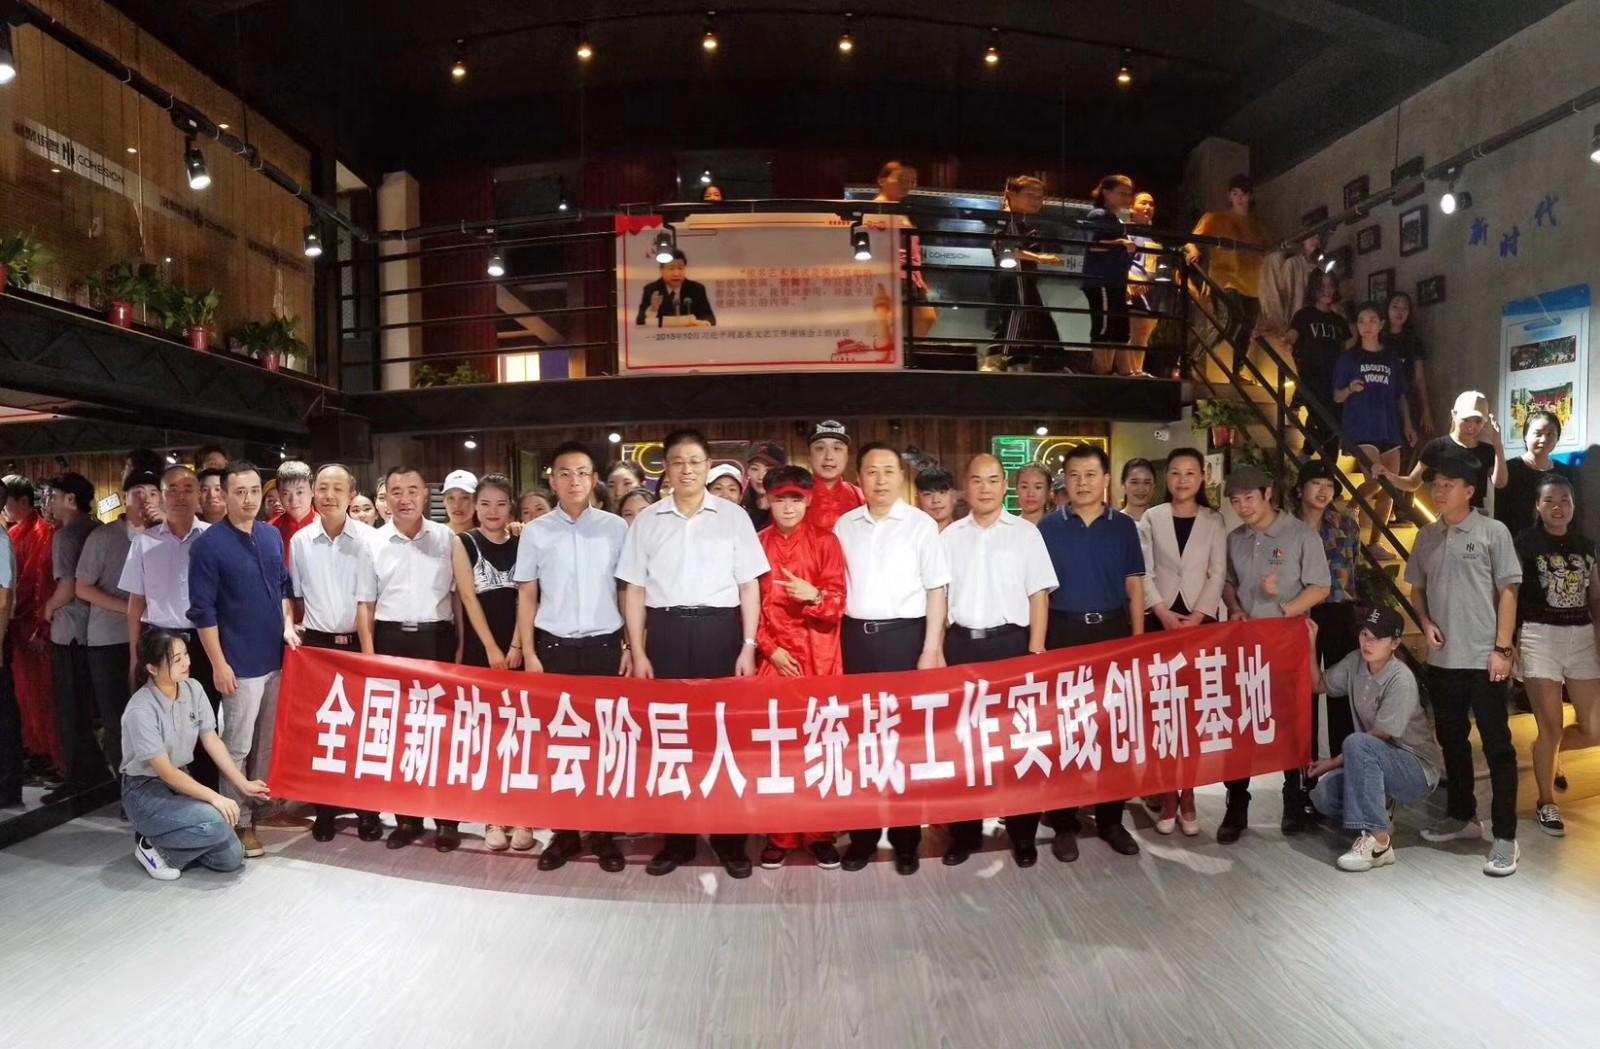 中央统战部调研组在郑调研新的社会阶层人士统战工作